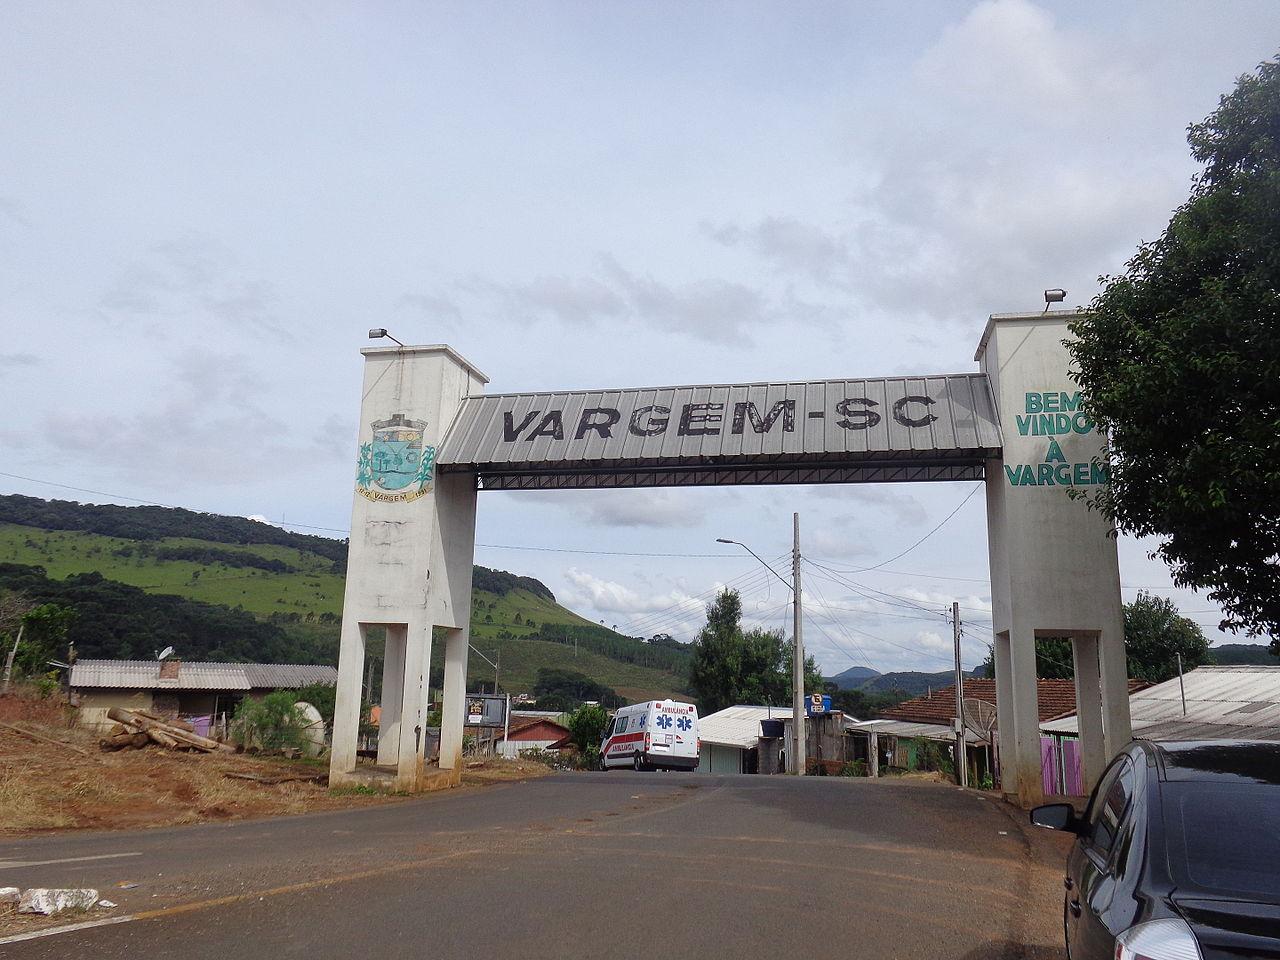 O município de Vargem fica no Meio-Oeste do Estado. Sua população estimada em 2010 era de 2.808 habitantes. A cidade fica localizada a cerca de 314 km de Florianópolis. - Reprodução/ND